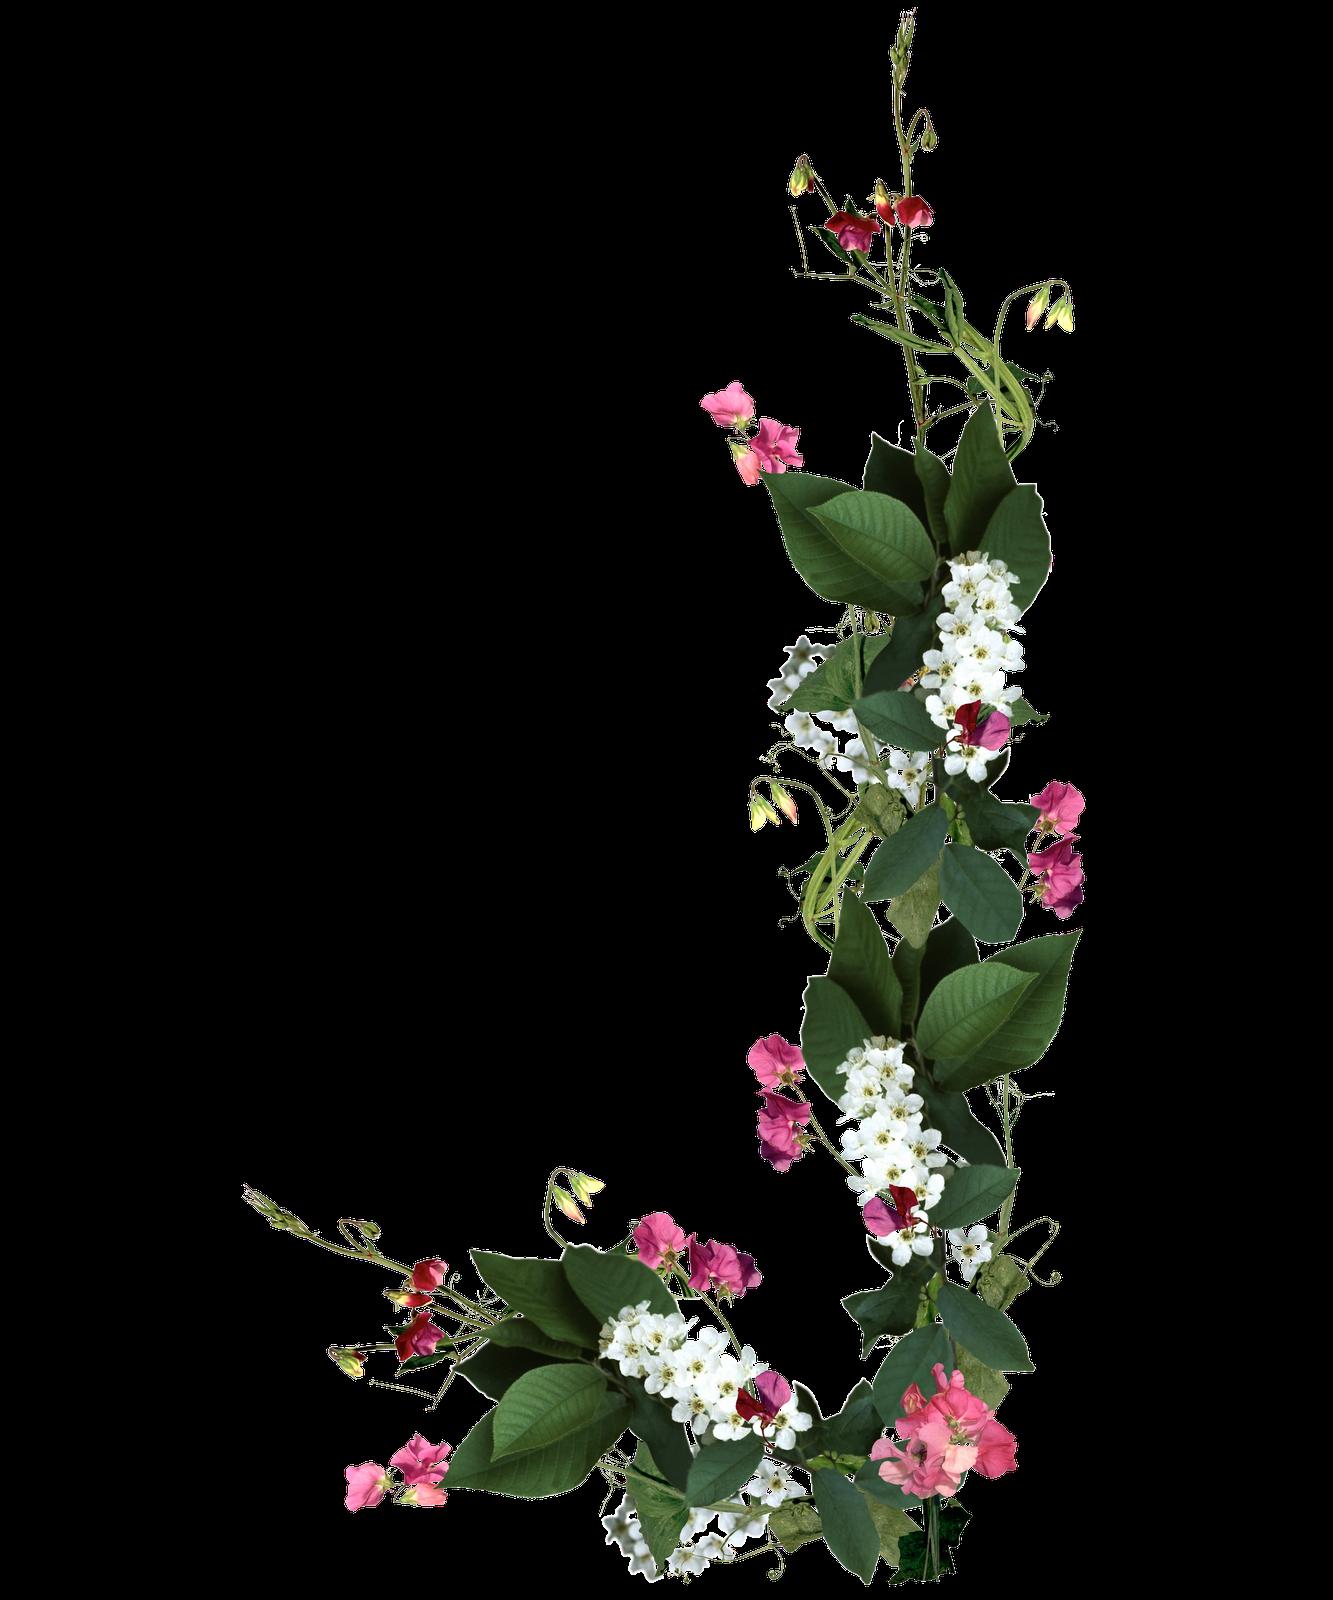 Descargar marcos de flores Uptodown - Marcos De Flores Para Decorar Fotos Gratis